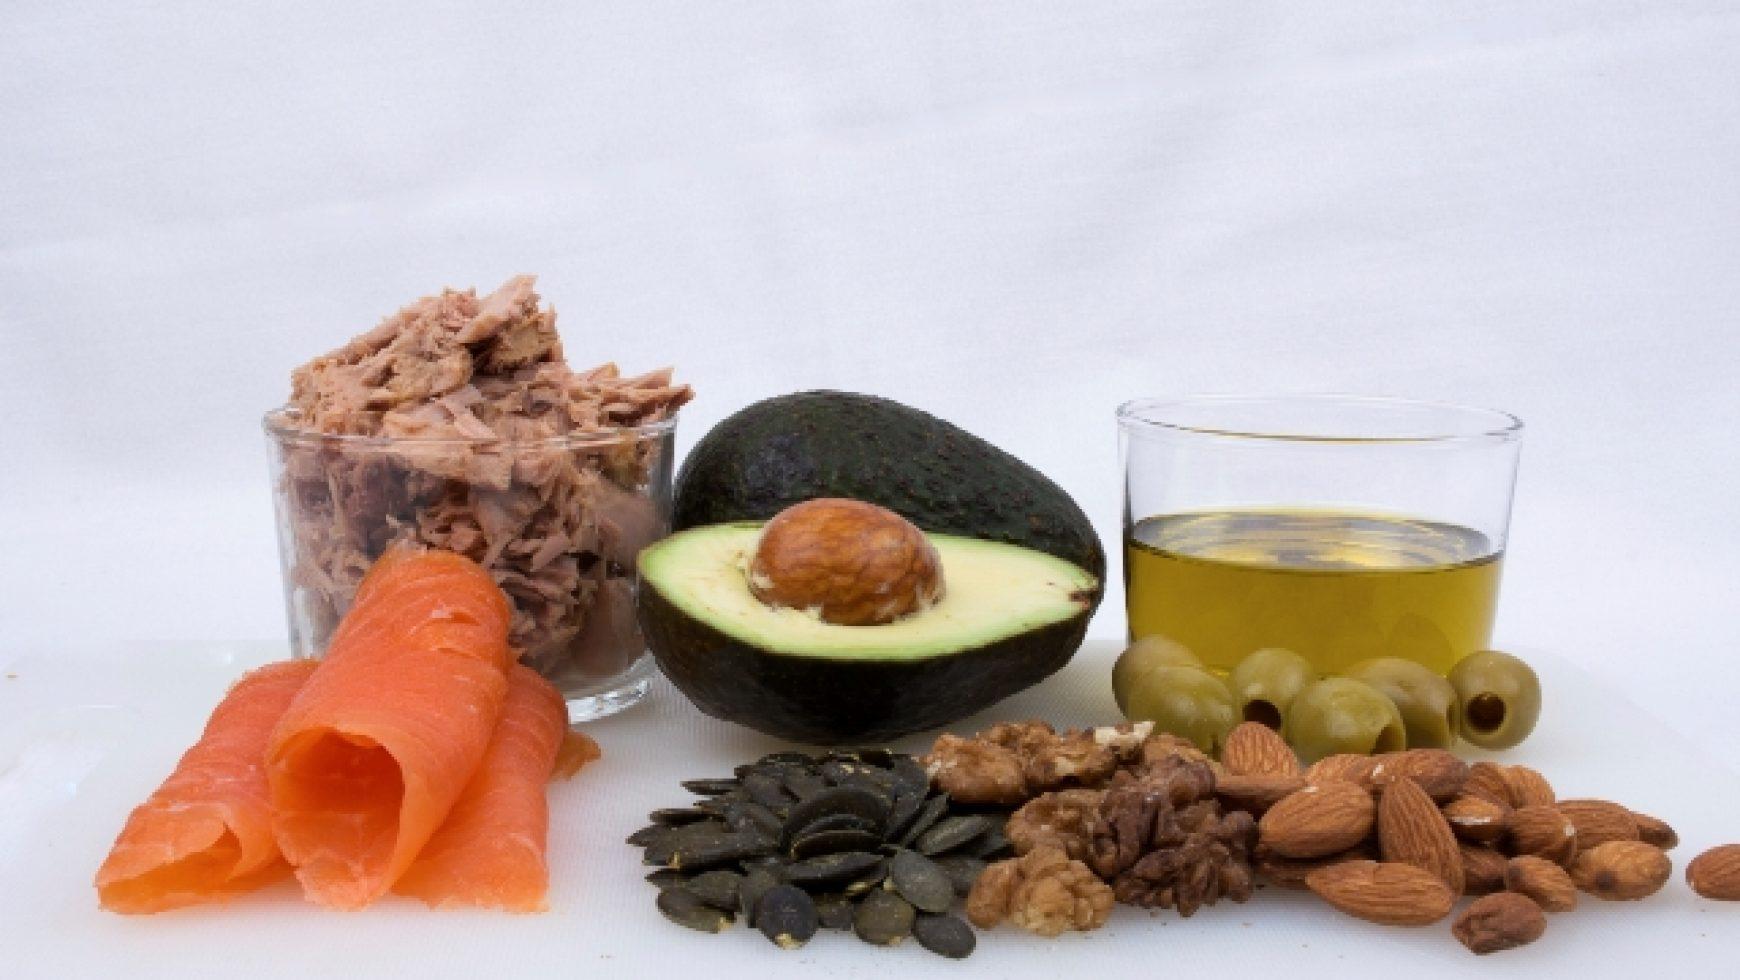 PaläoPower: Genussvoll Gesundheit & Leistungskraft steigern mit der Paläo-Ernährung